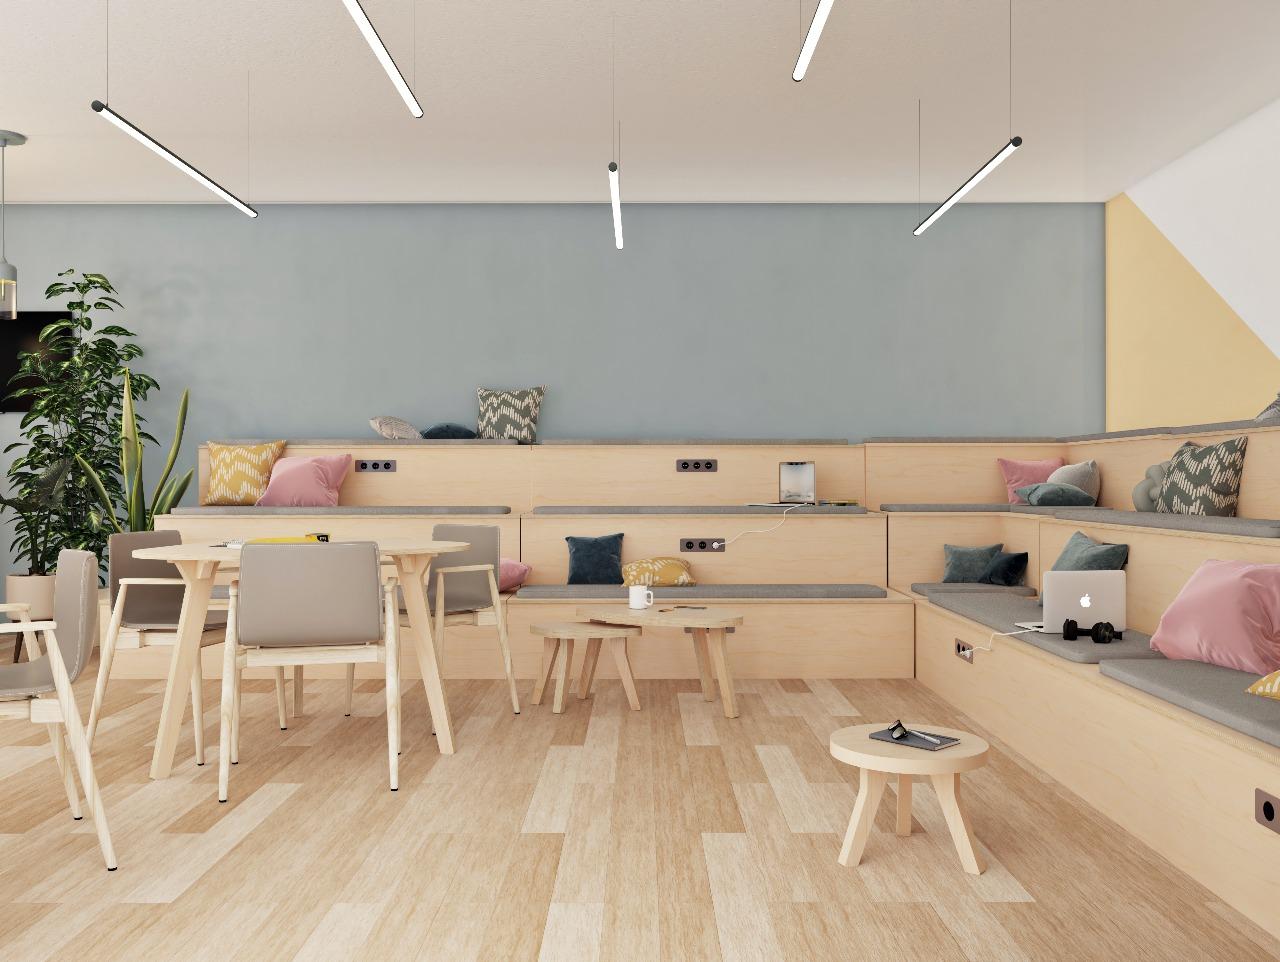 Espace de travail informel au style scandinave avec table et estrade en bois, ordinateurs branchés et coussins sur les assises